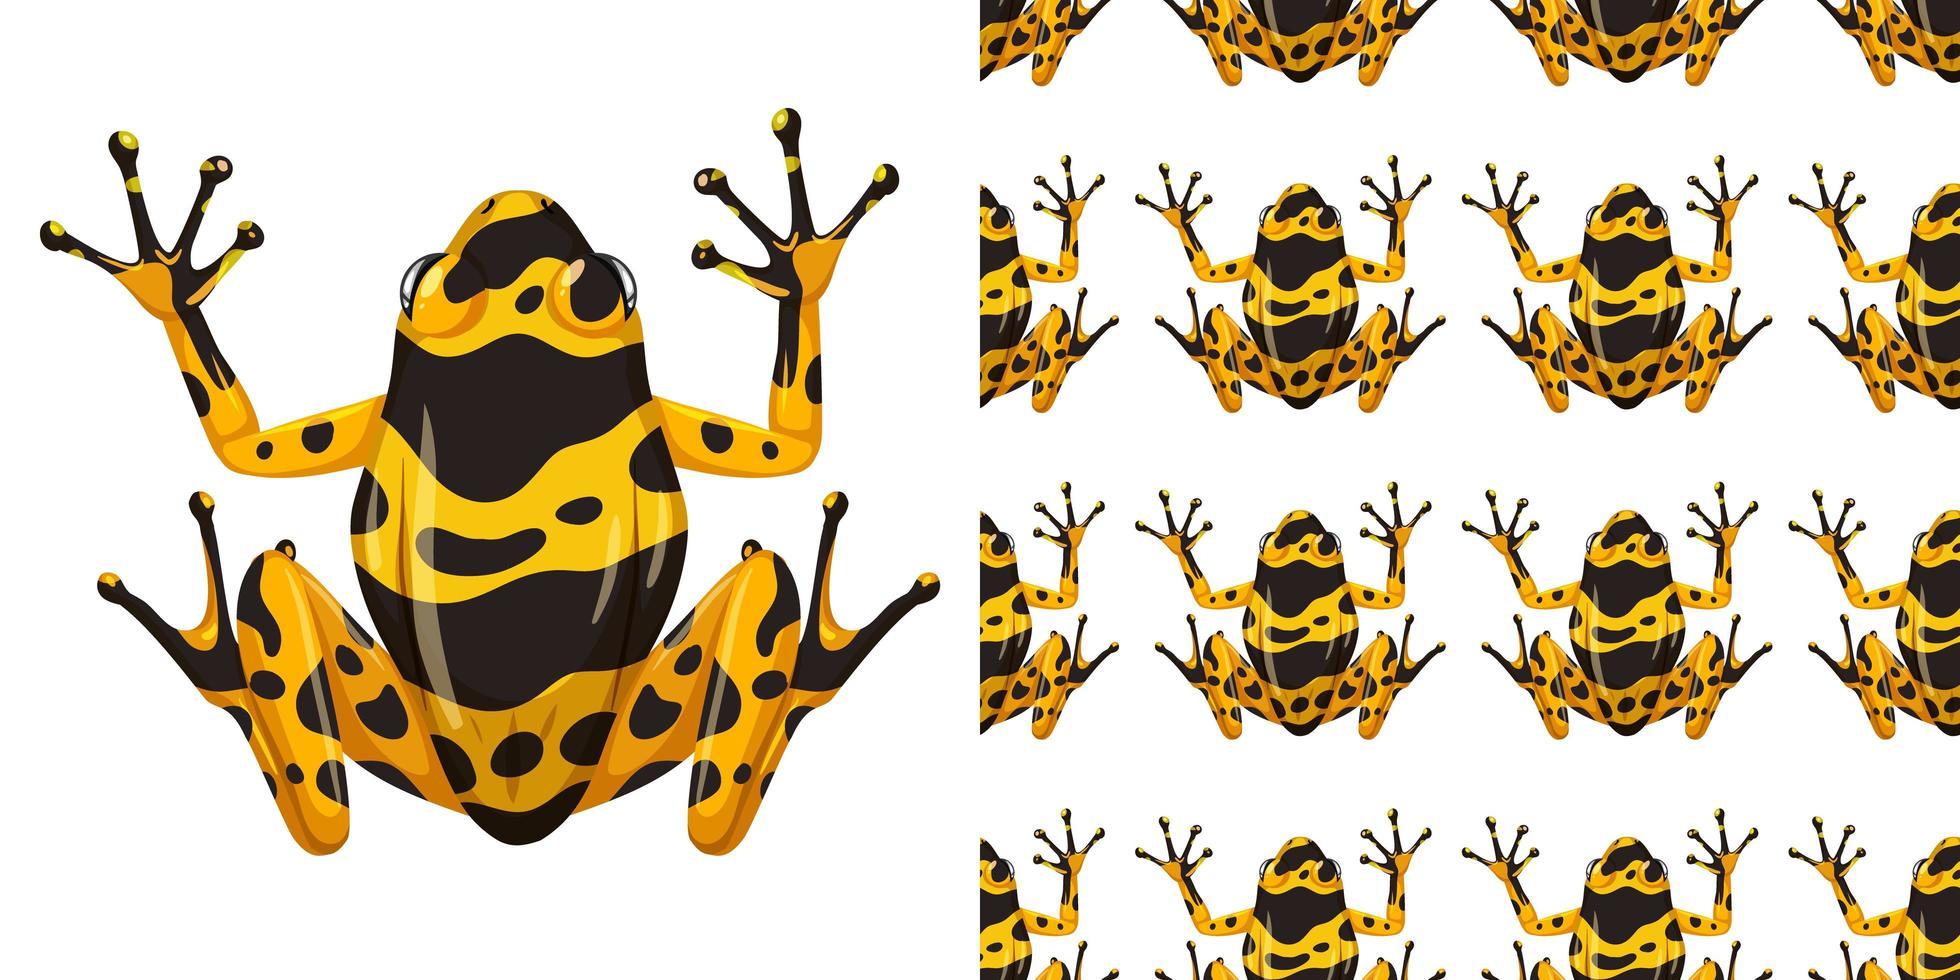 rana dardo venenoso con bandas amarillas y patrón vector